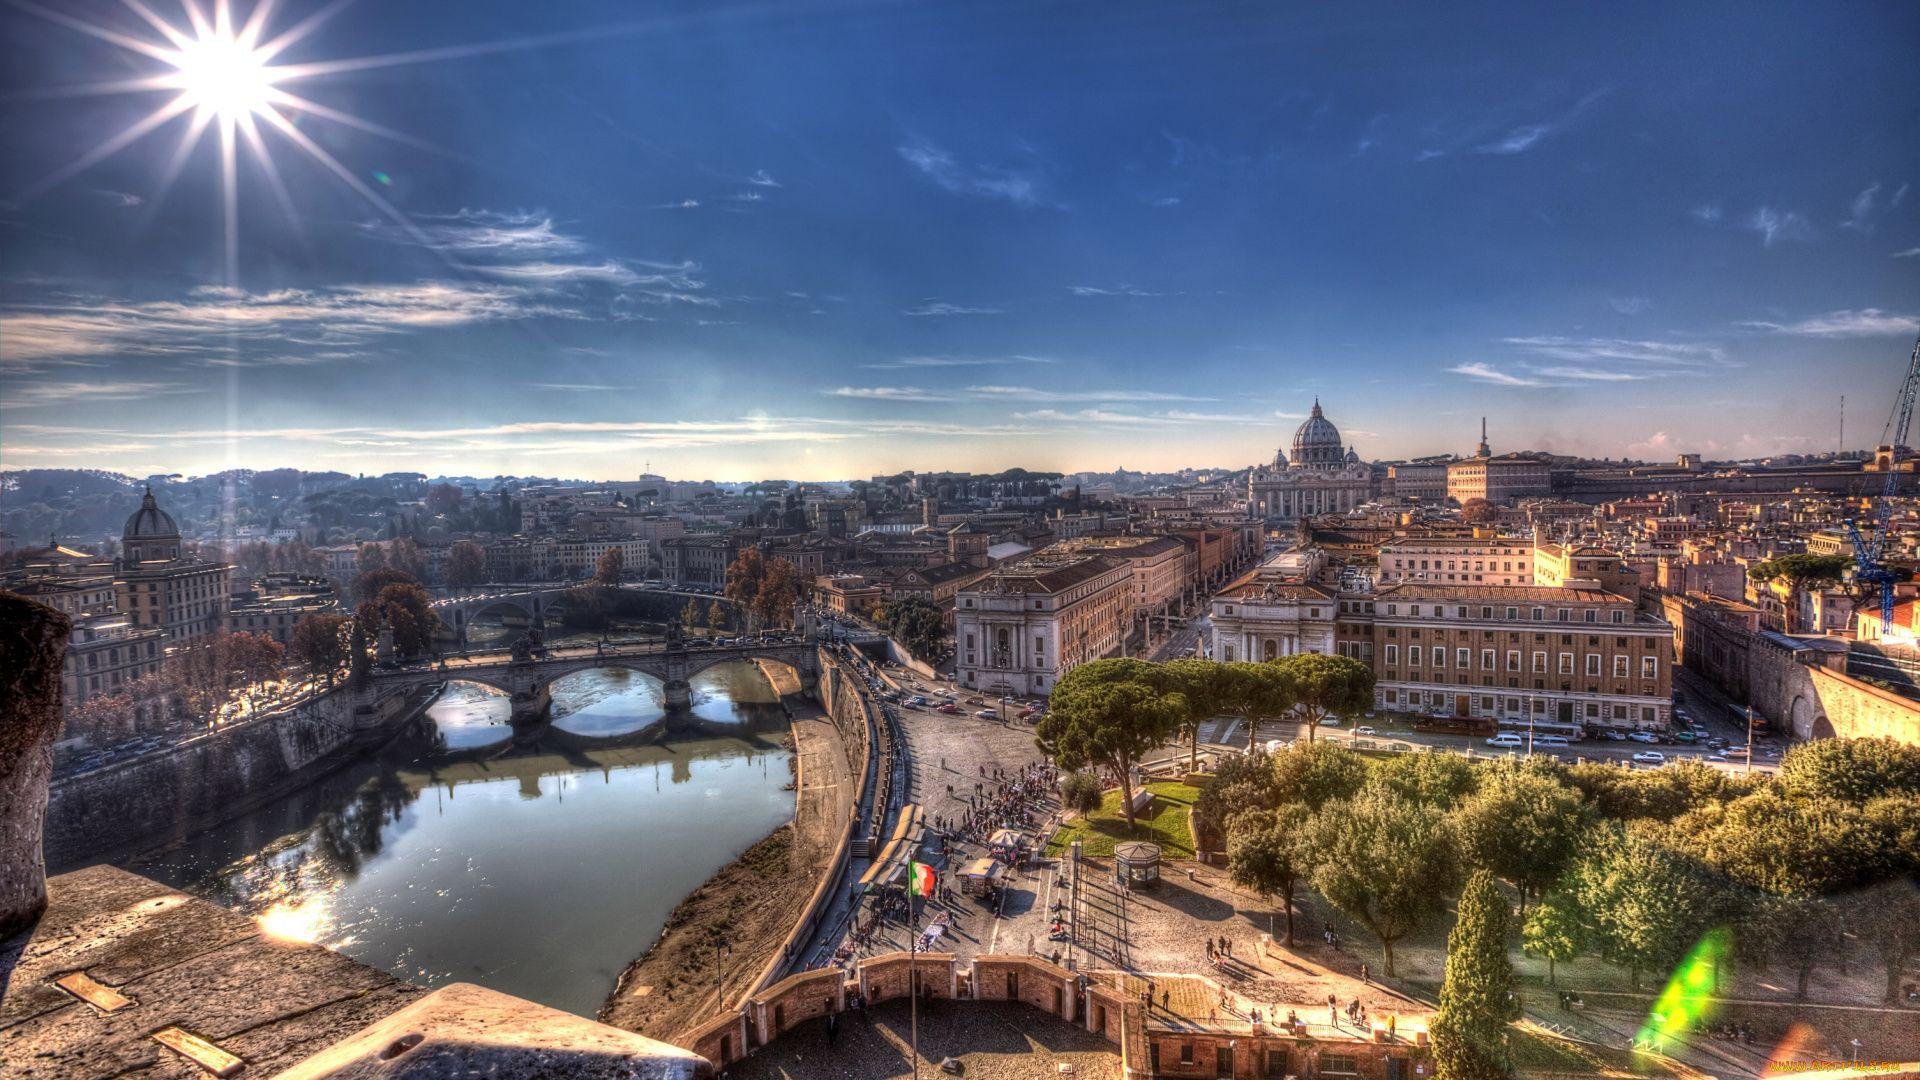 Rome wallpaper picture